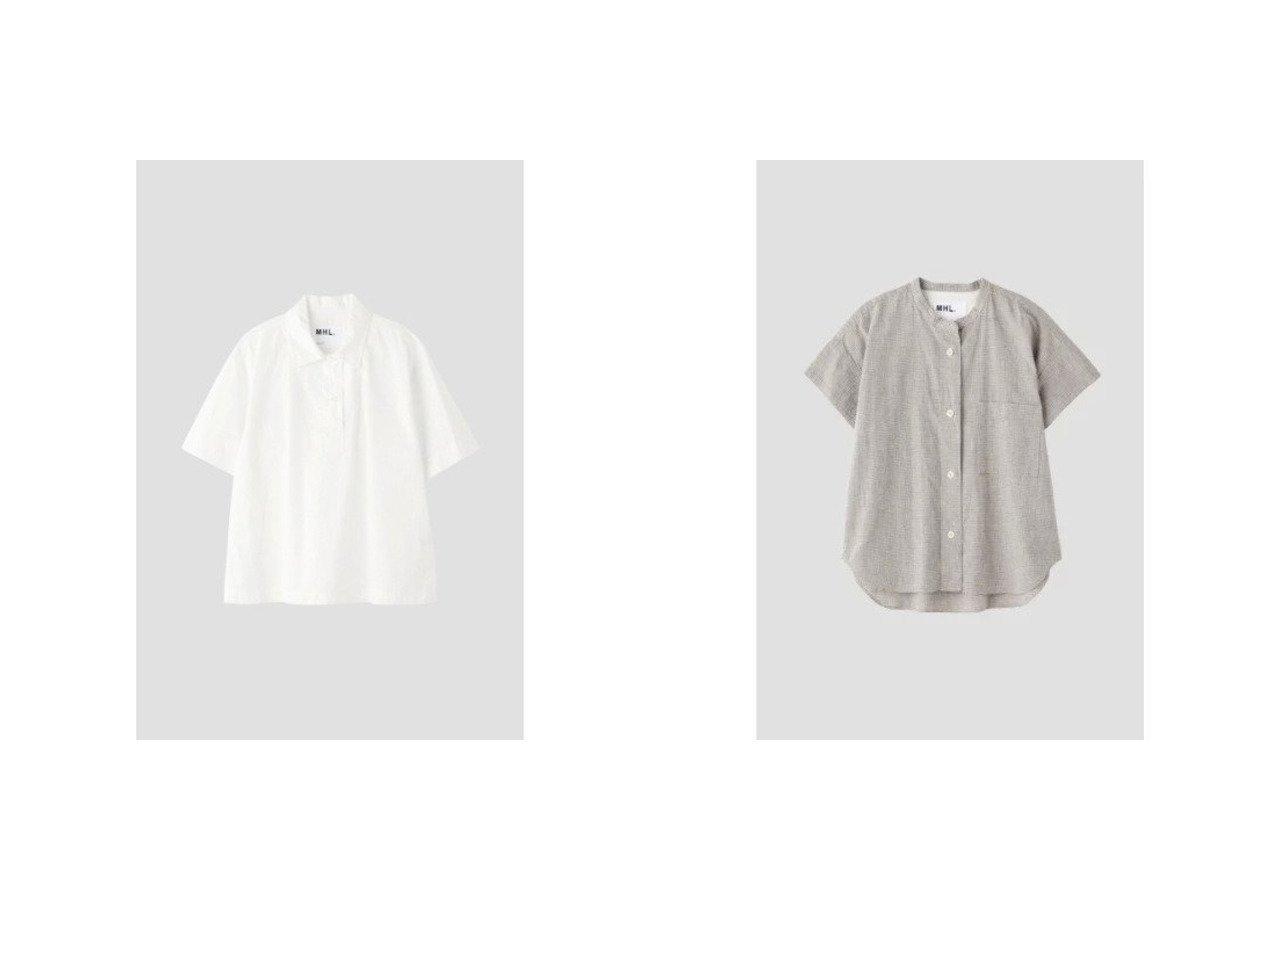 【MHL/エムエイチエル】のNATURAL WASHED COTTON LINEN&SHEET COTTON LINEN 【トップス・カットソー】おすすめ!人気、トレンド・レディースファッションの通販 おすすめで人気の流行・トレンド、ファッションの通販商品 インテリア・家具・メンズファッション・キッズファッション・レディースファッション・服の通販 founy(ファニー) https://founy.com/ ファッション Fashion レディースファッション WOMEN トップス・カットソー Tops/Tshirt シャツ/ブラウス Shirts/Blouses ポロシャツ リネン 半袖  ID:crp329100000047032